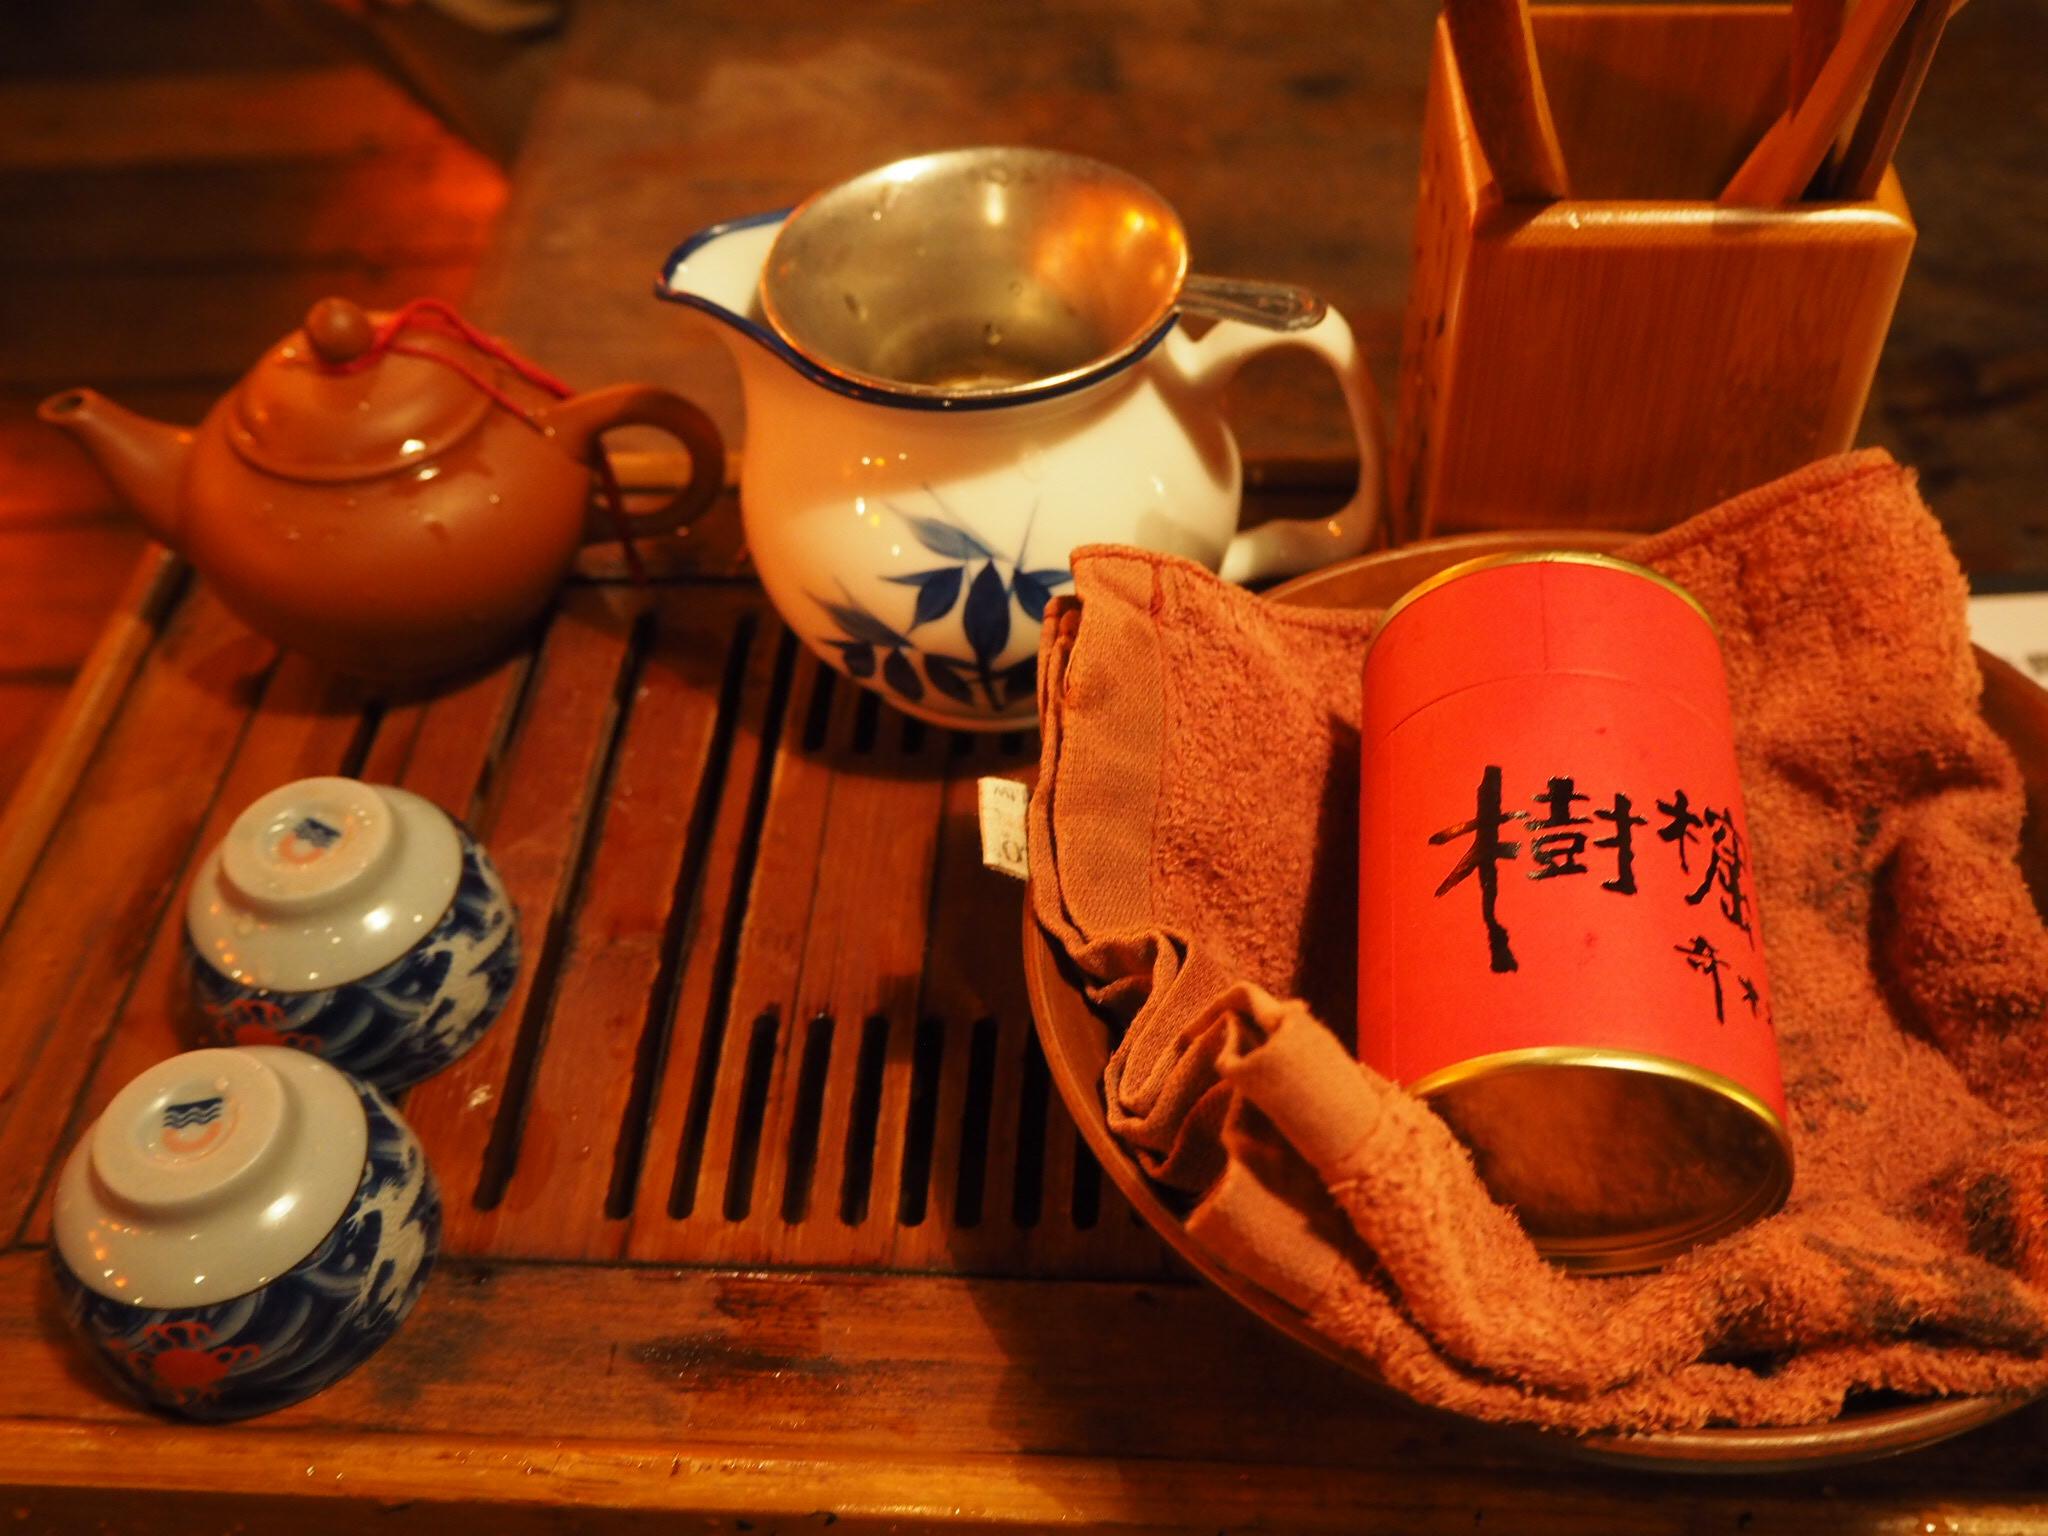 ちょっとお茶しに♪ノスタルジックな九份の隠れたお茶屋さん【台湾ティー】